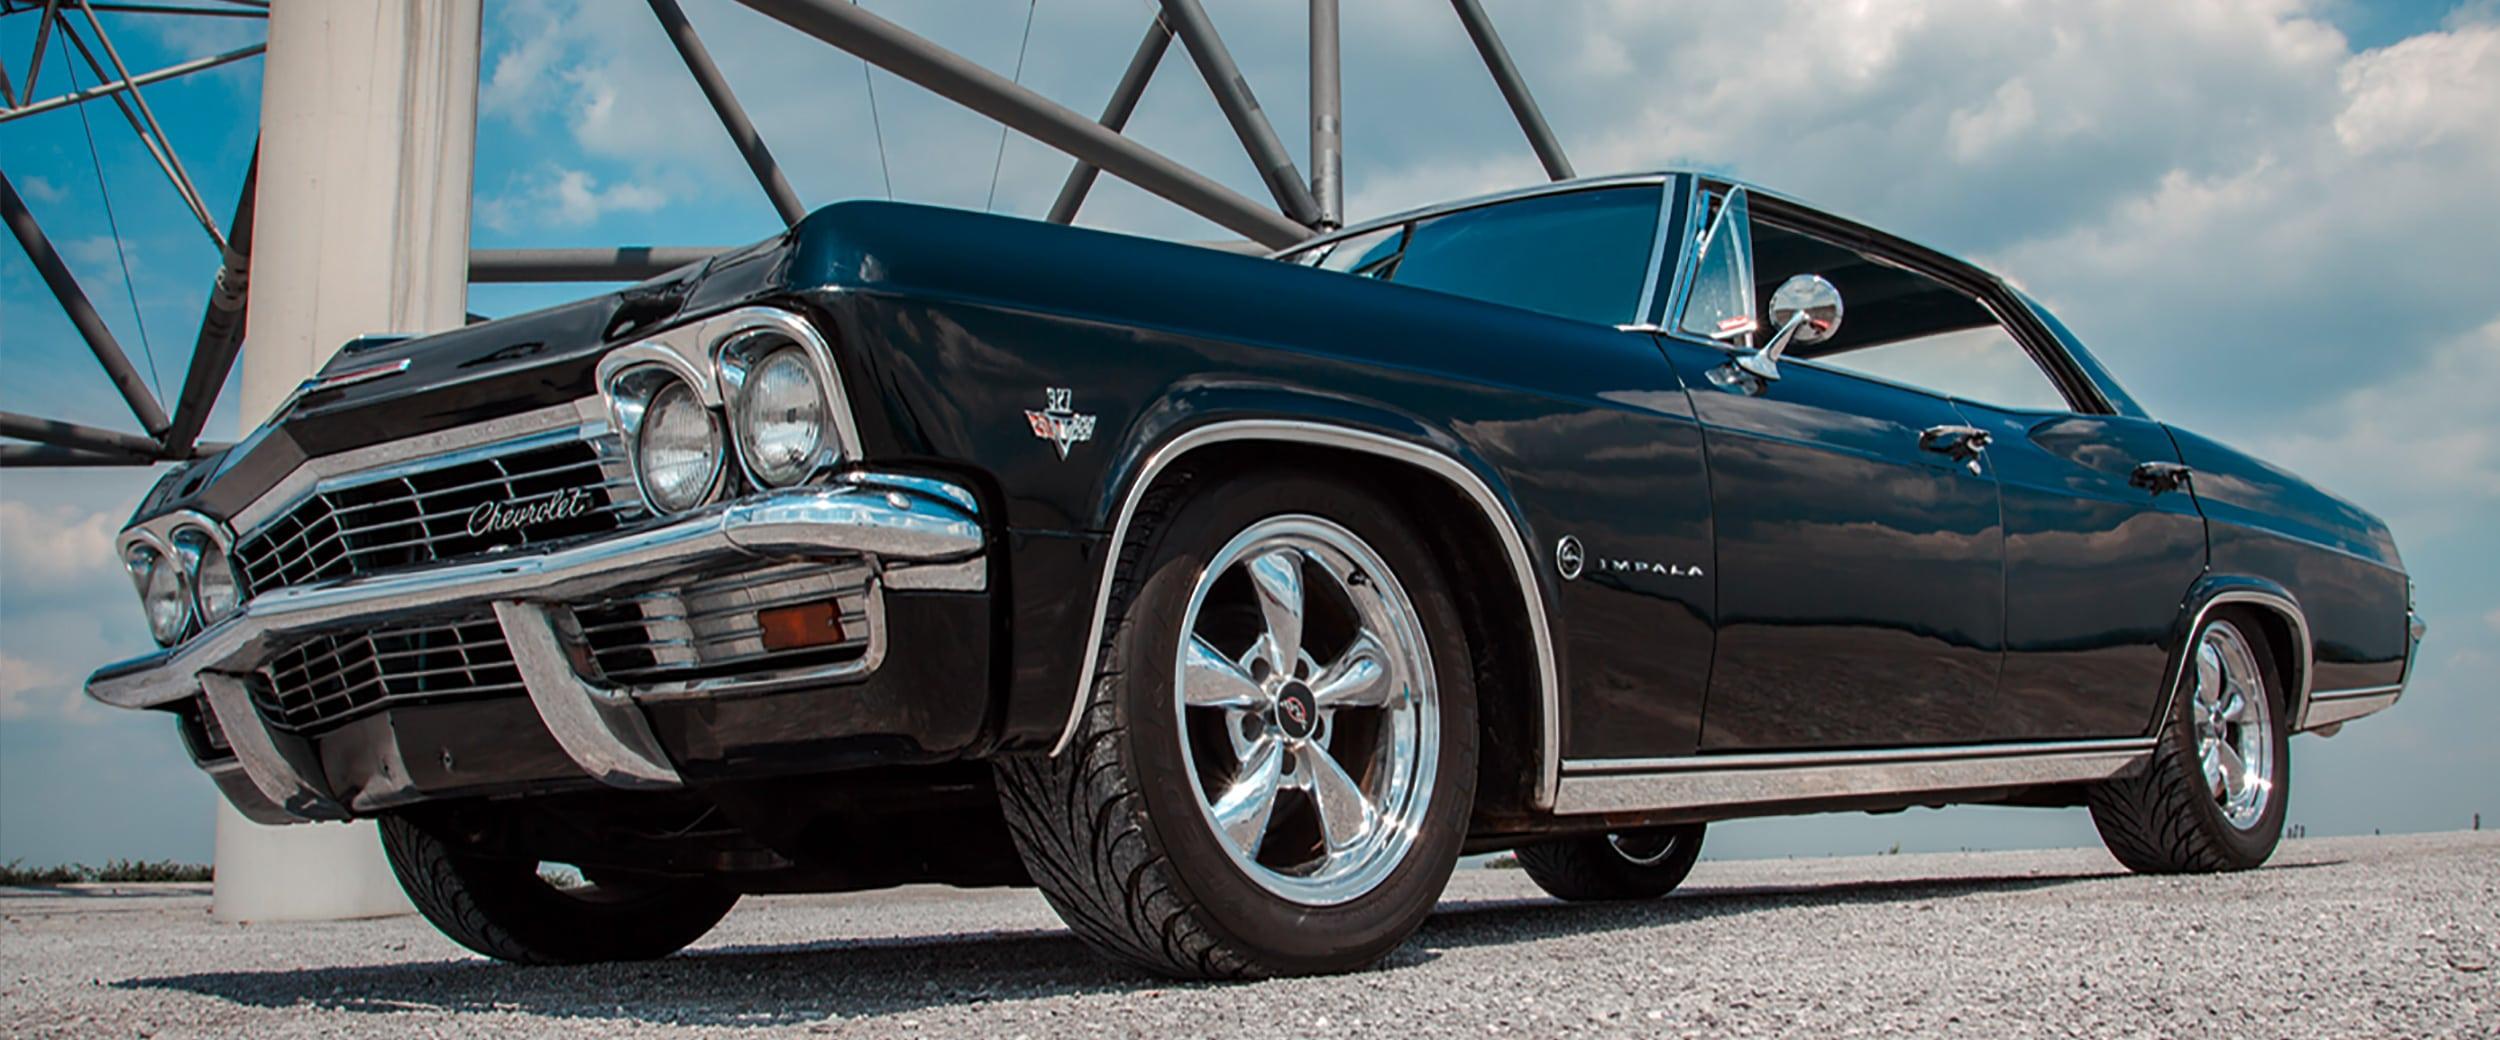 Seitenansicht Chevrolet Impala aus der Froschperspektive.